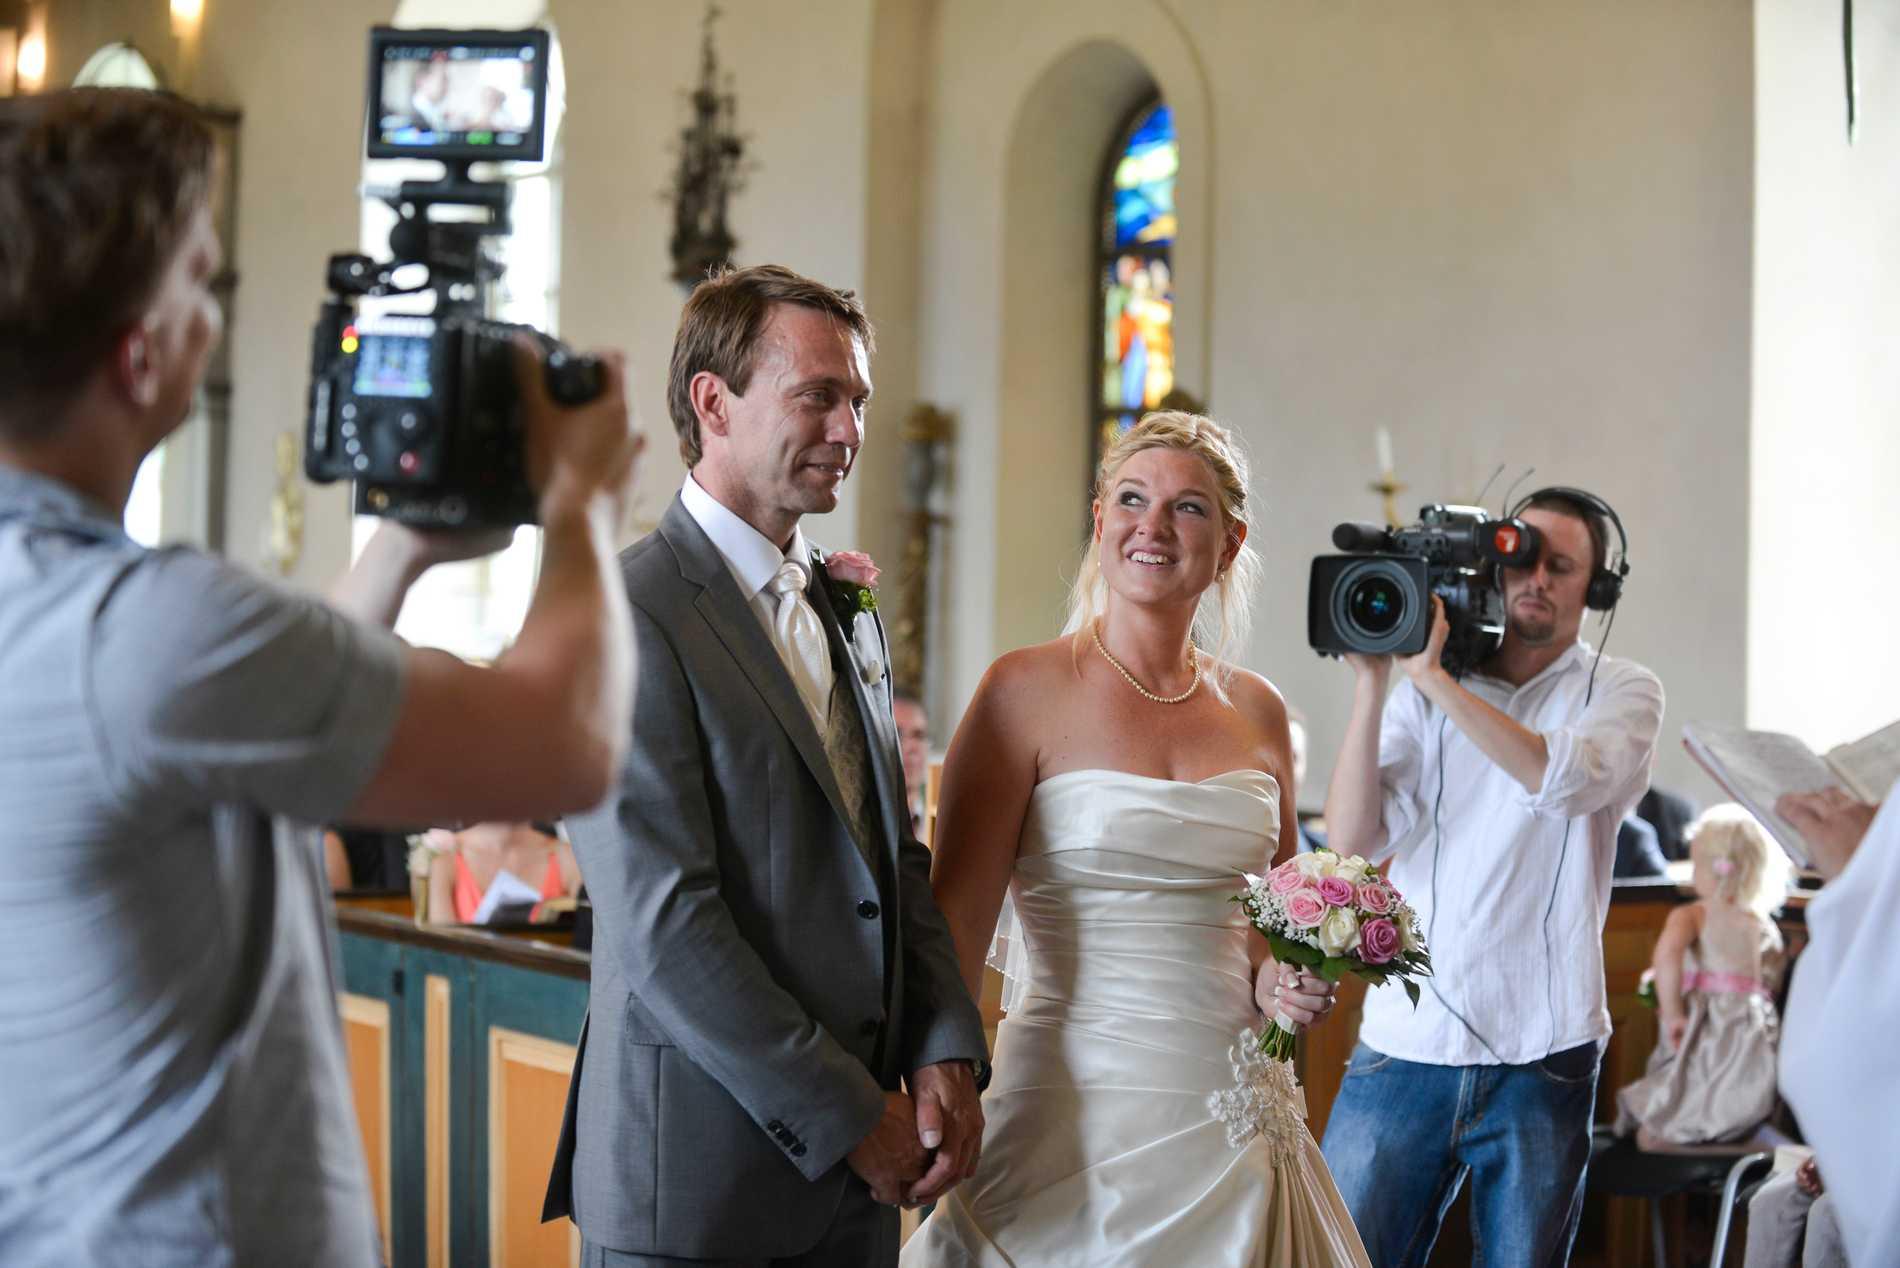 Anna Skölds och Harald von Kochs bröllop i Blidö kyrka filmades för ett återblicksprogram.